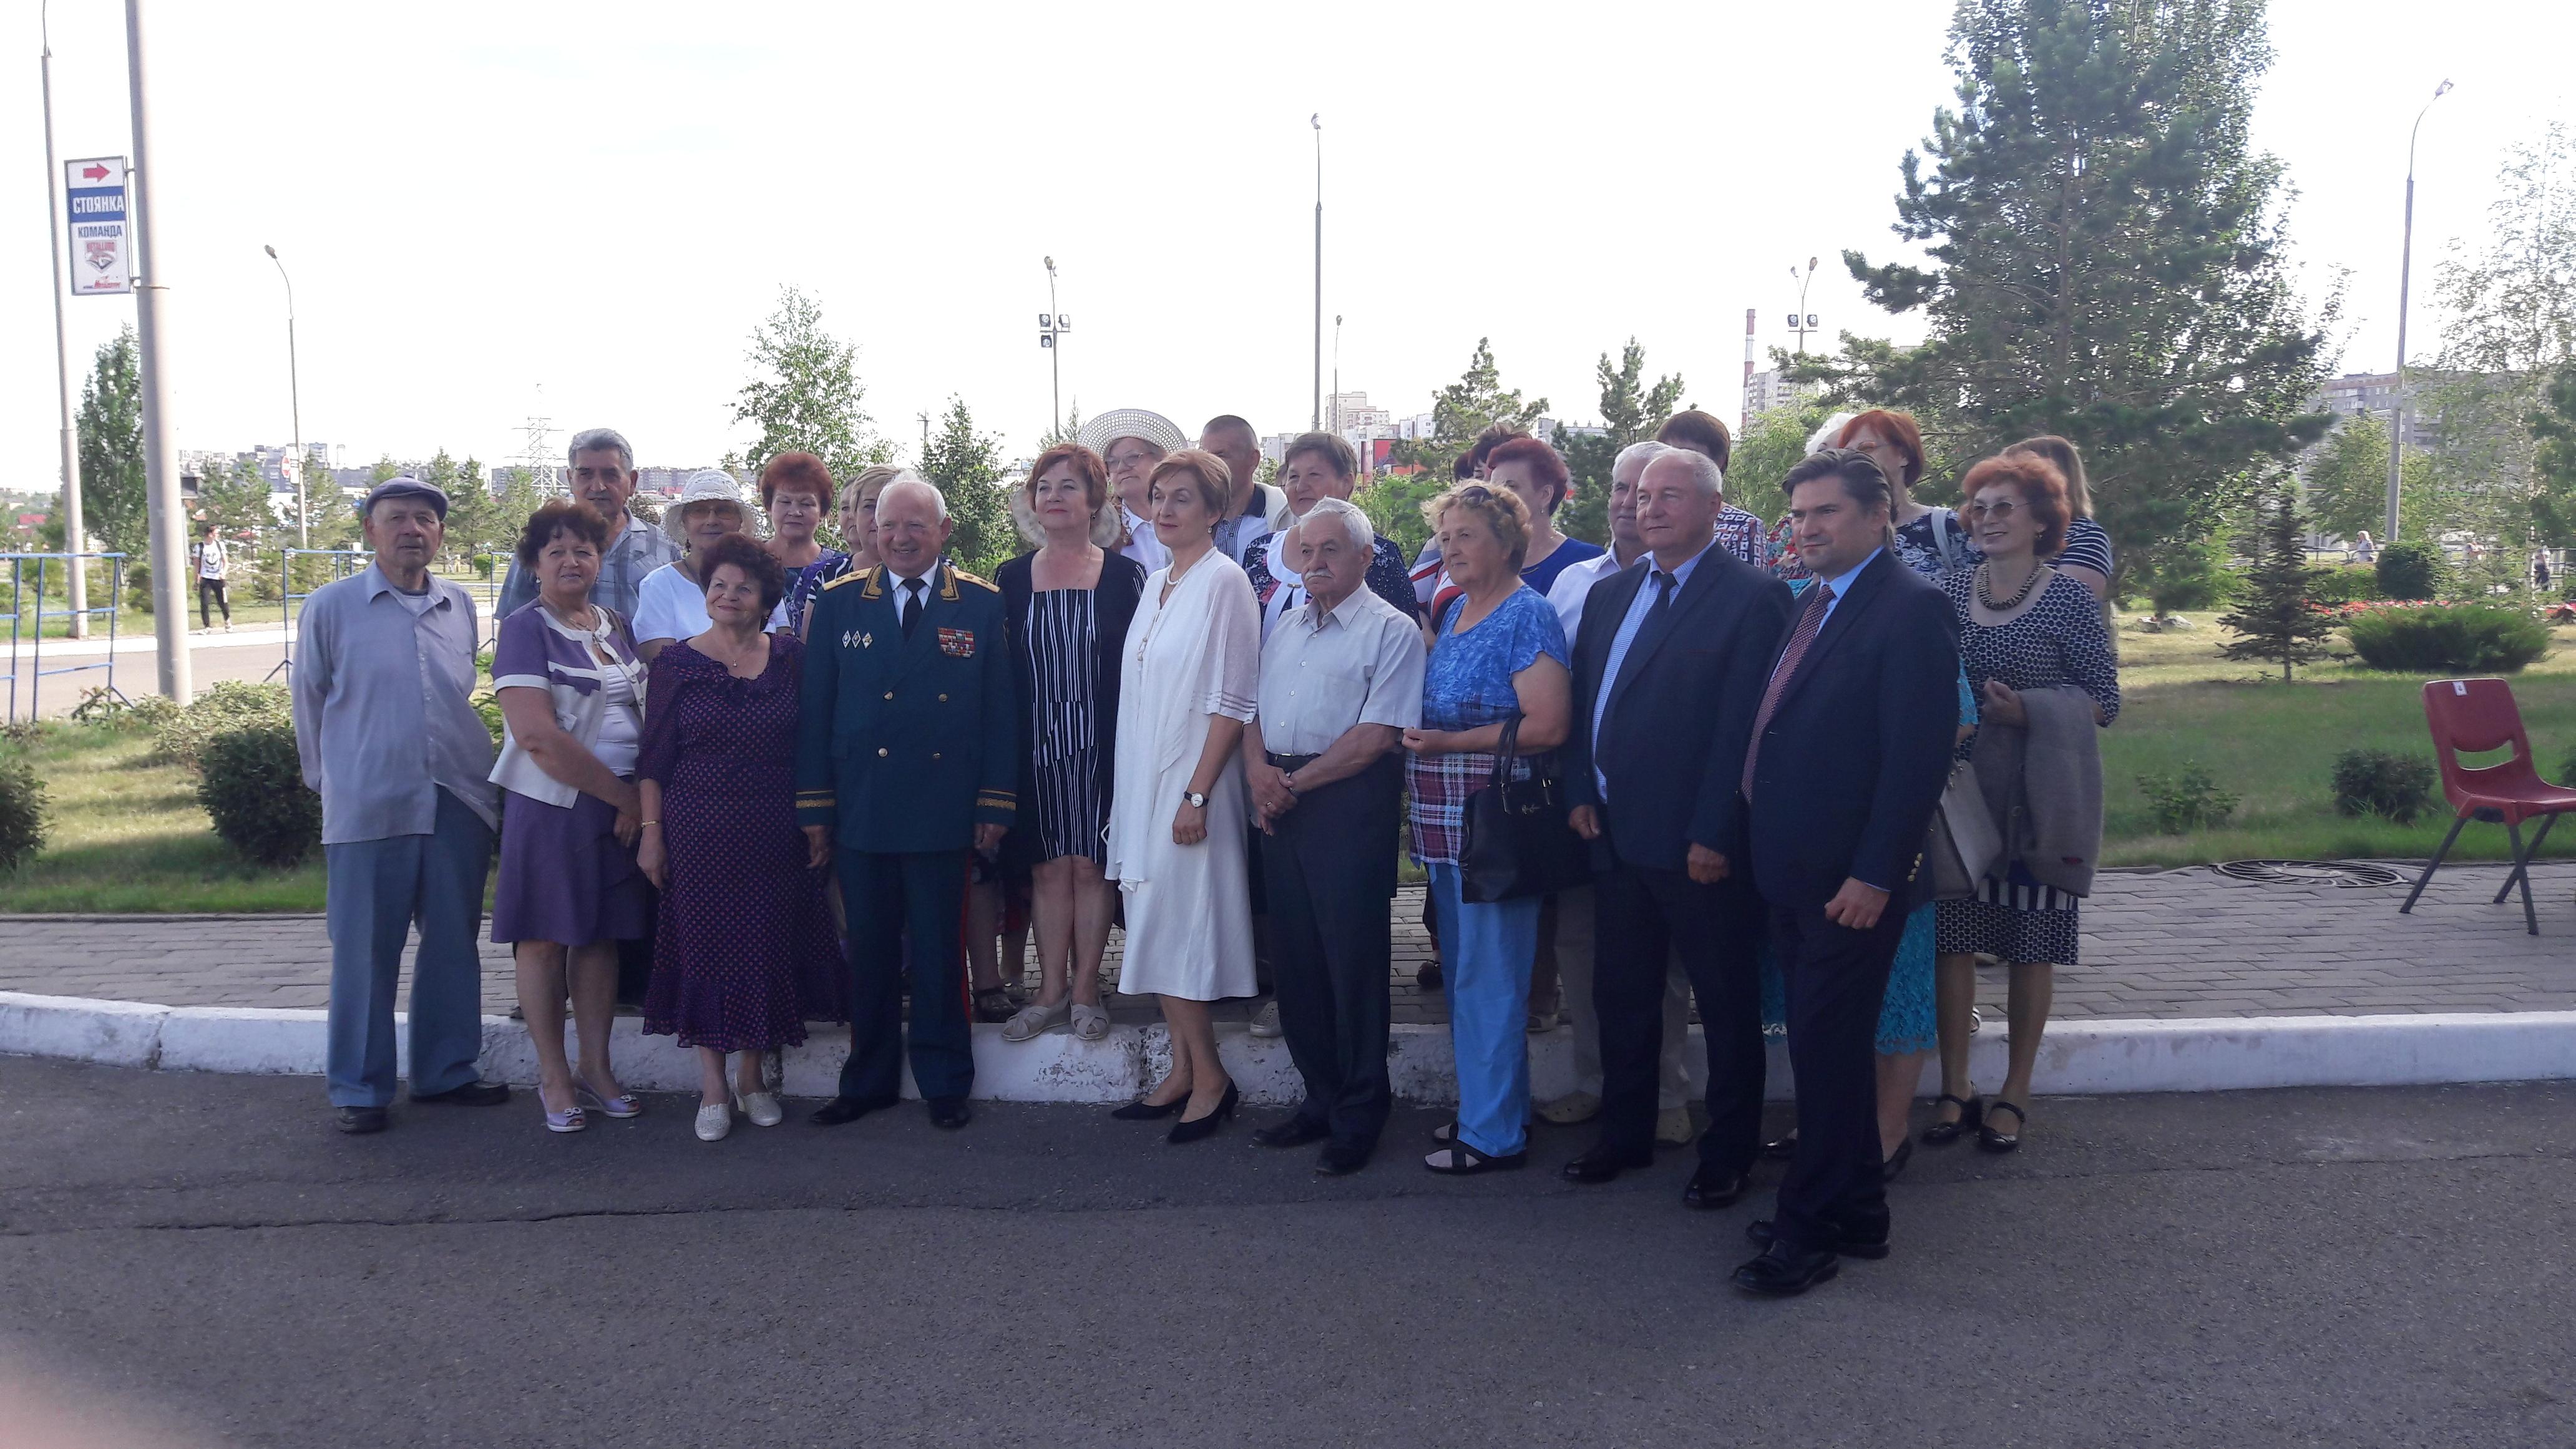 Традиционно в День металлурга в Магнитогорске (Челябинская область) чествуют представителей старш